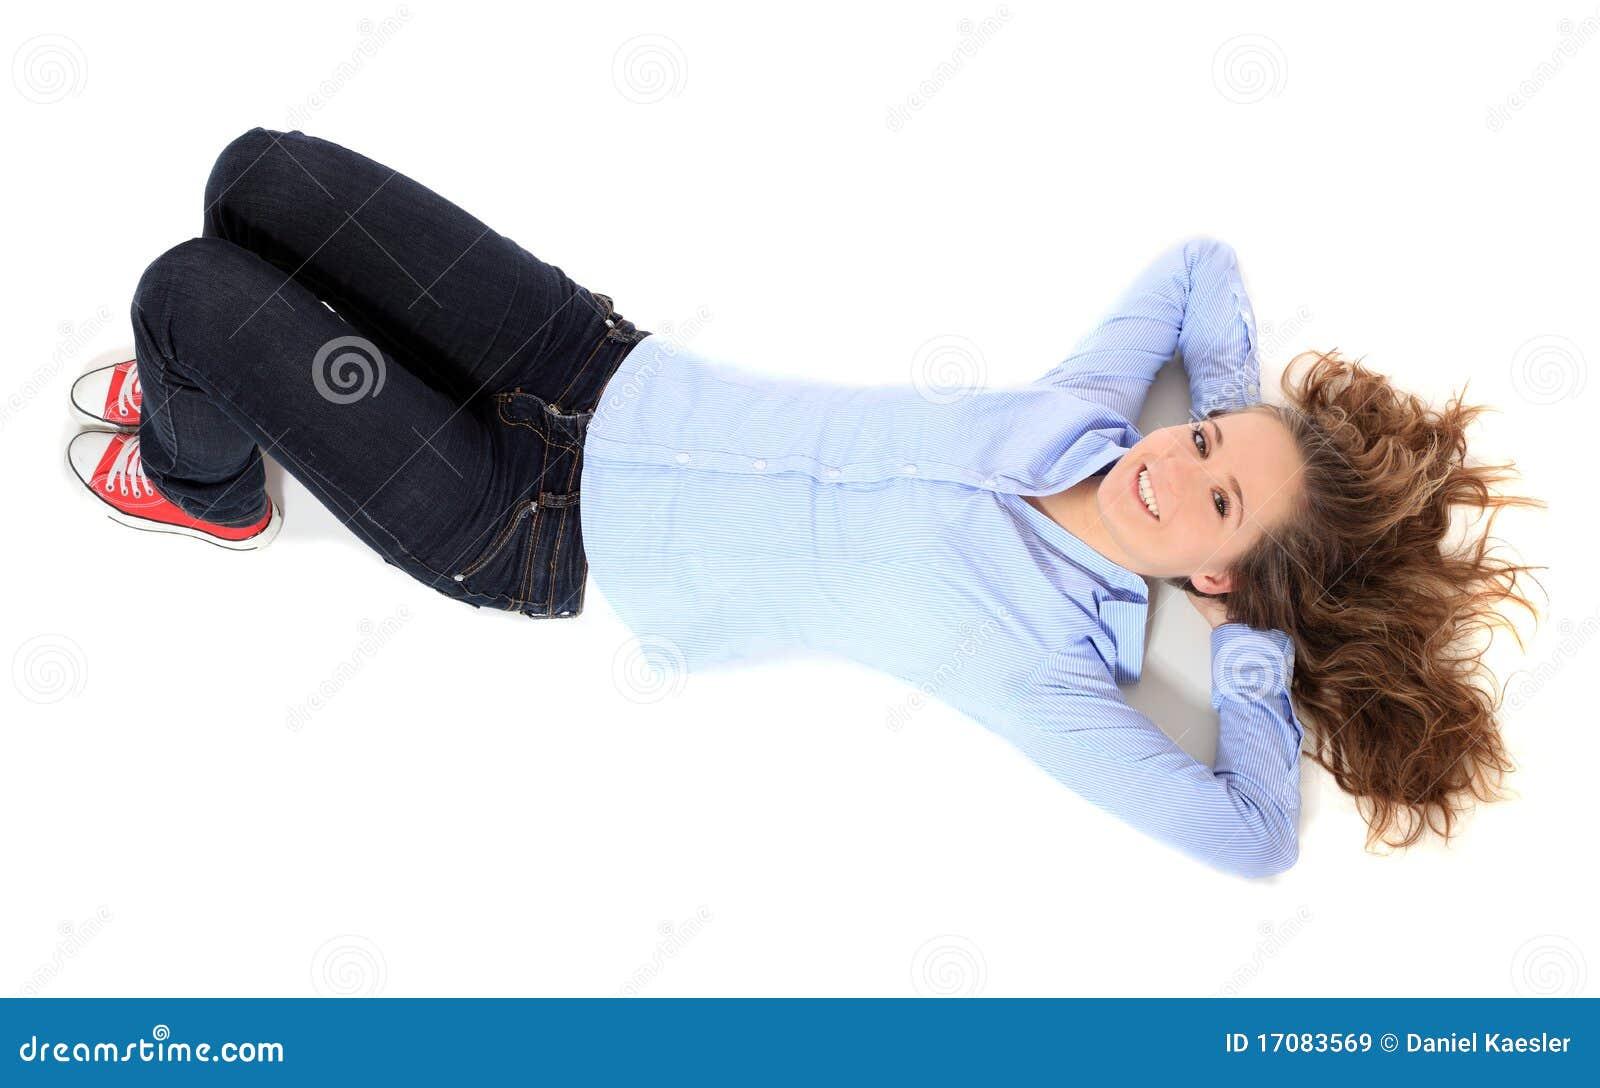 Jugendliche, die auf Fußboden liegt